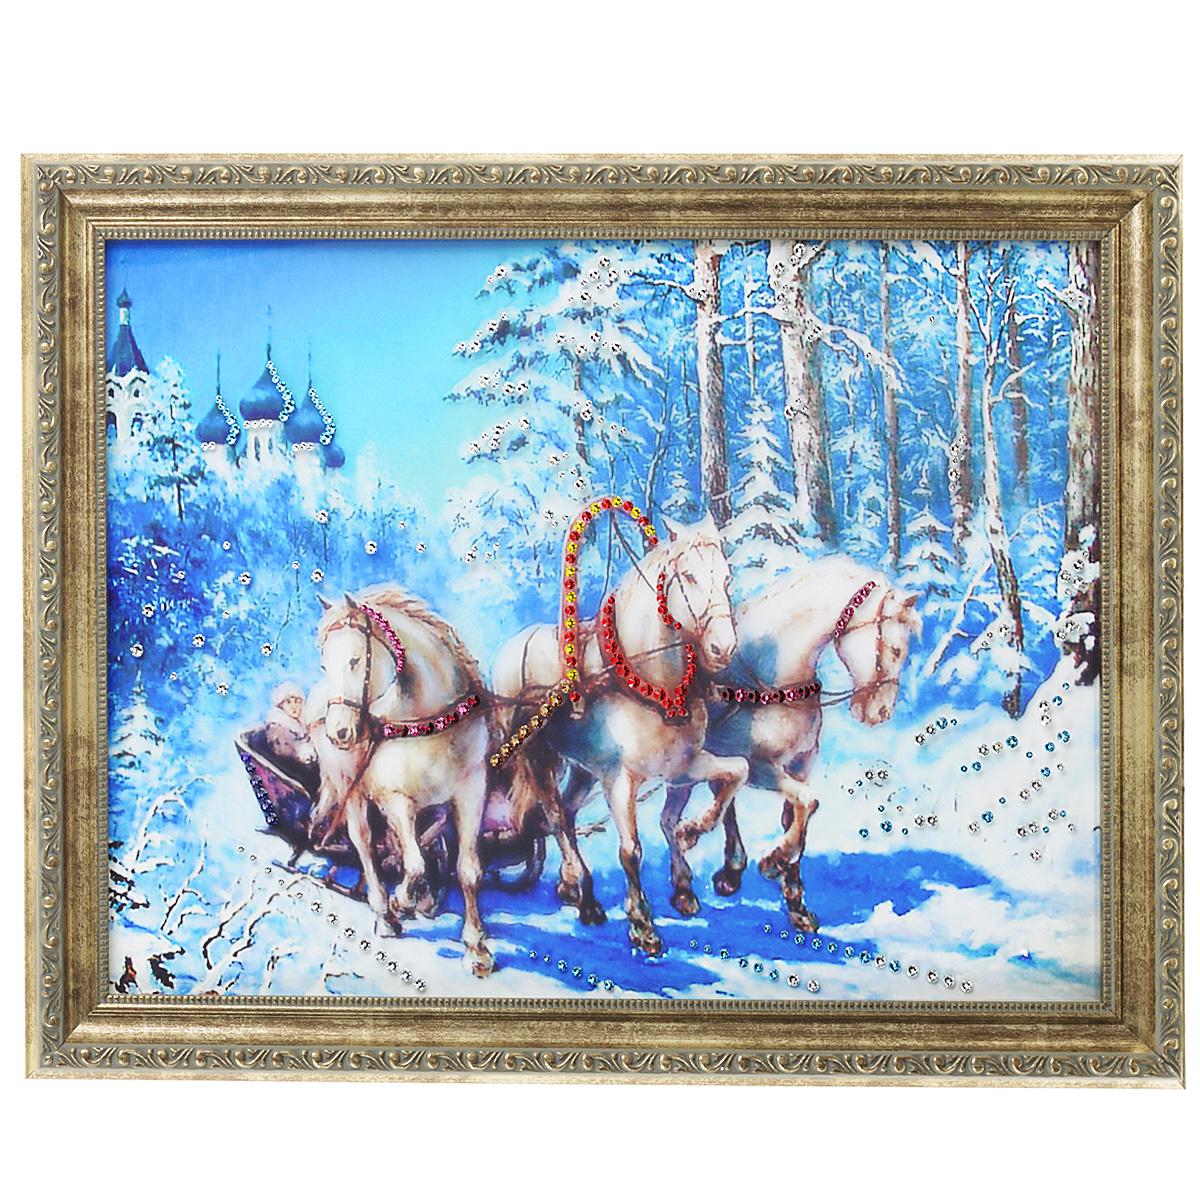 Картина с кристаллами Swarovski Тройка малая, 45 х 35 см12723Изящная картина в багетной раме, инкрустирована кристаллами Swarovski, которые отличаются четкой и ровной огранкой, ярким блеском и чистотой цвета. Красочное изображение тройки белых лошадей, расположенное на внутренней стороне стекла, прекрасно дополняет блеск кристаллов. С обратной стороны имеется металлическая проволока для размещения картины на стене. Картина с кристаллами Swarovski Тройка малая элегантно украсит интерьер дома или офиса, а также станет прекрасным подарком, который обязательно понравится получателю. Блеск кристаллов в интерьере, что может быть сказочнее и удивительнее. Картина упакована в подарочную картонную коробку синего цвета и комплектуется сертификатом соответствия Swarovski.